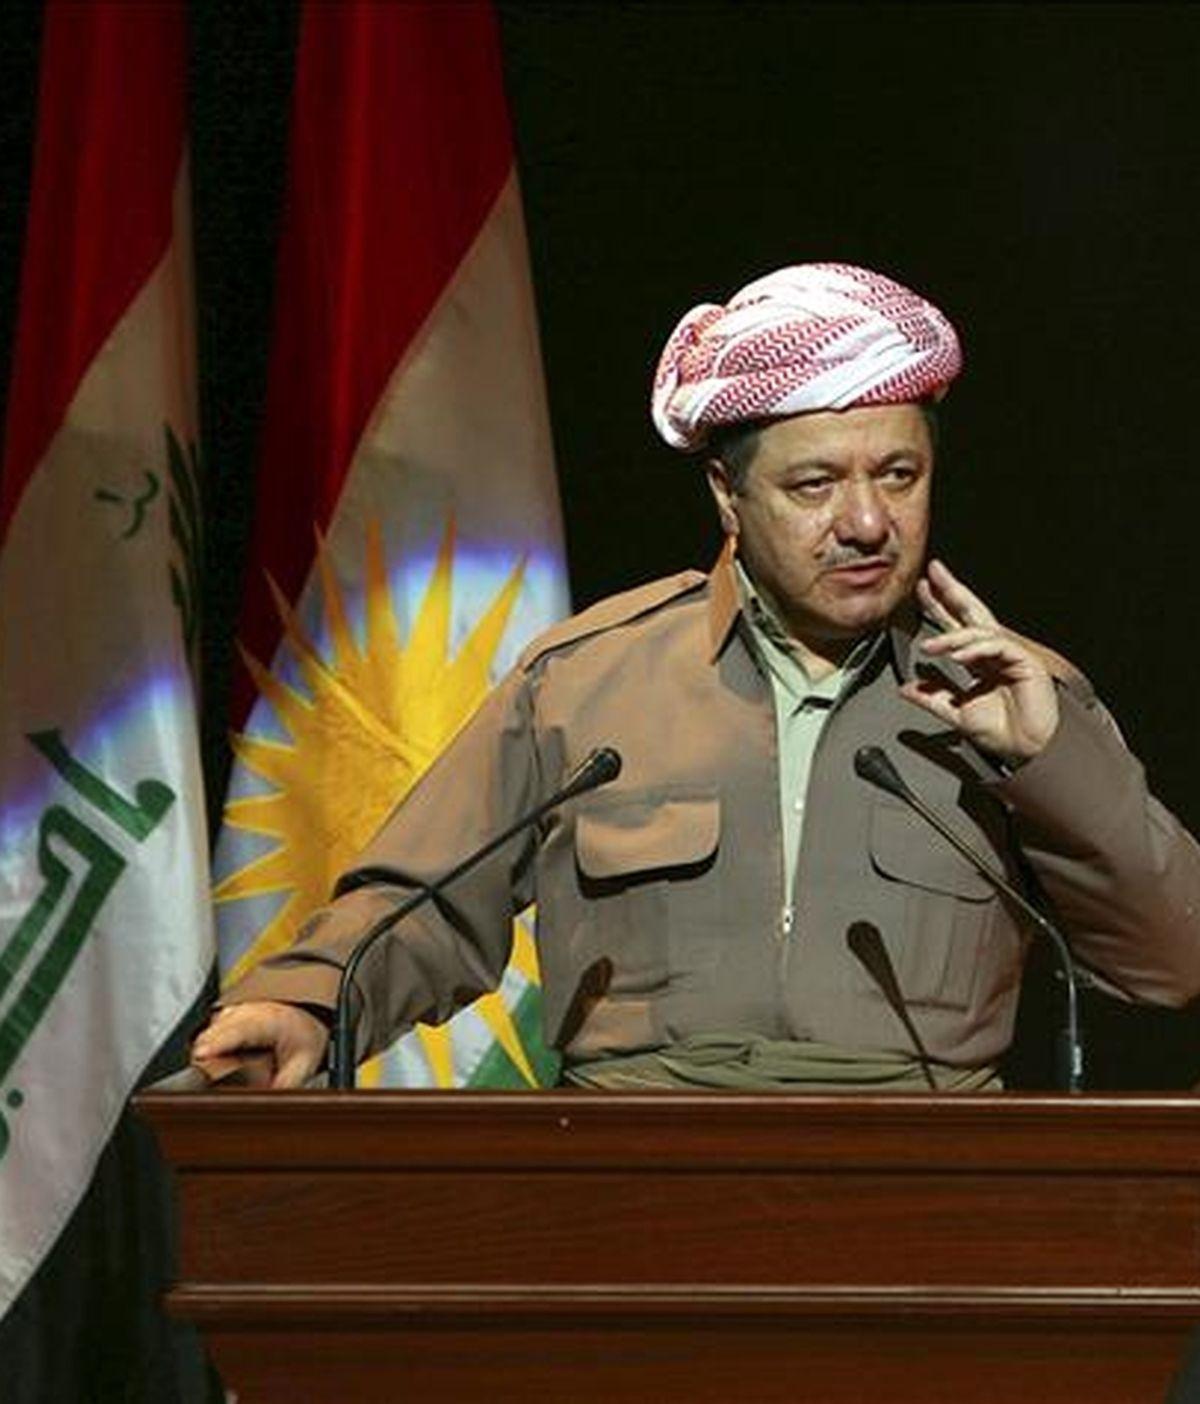 El presidente del Kurdistán iraquí, Masud Barzani. EFE/Archivo